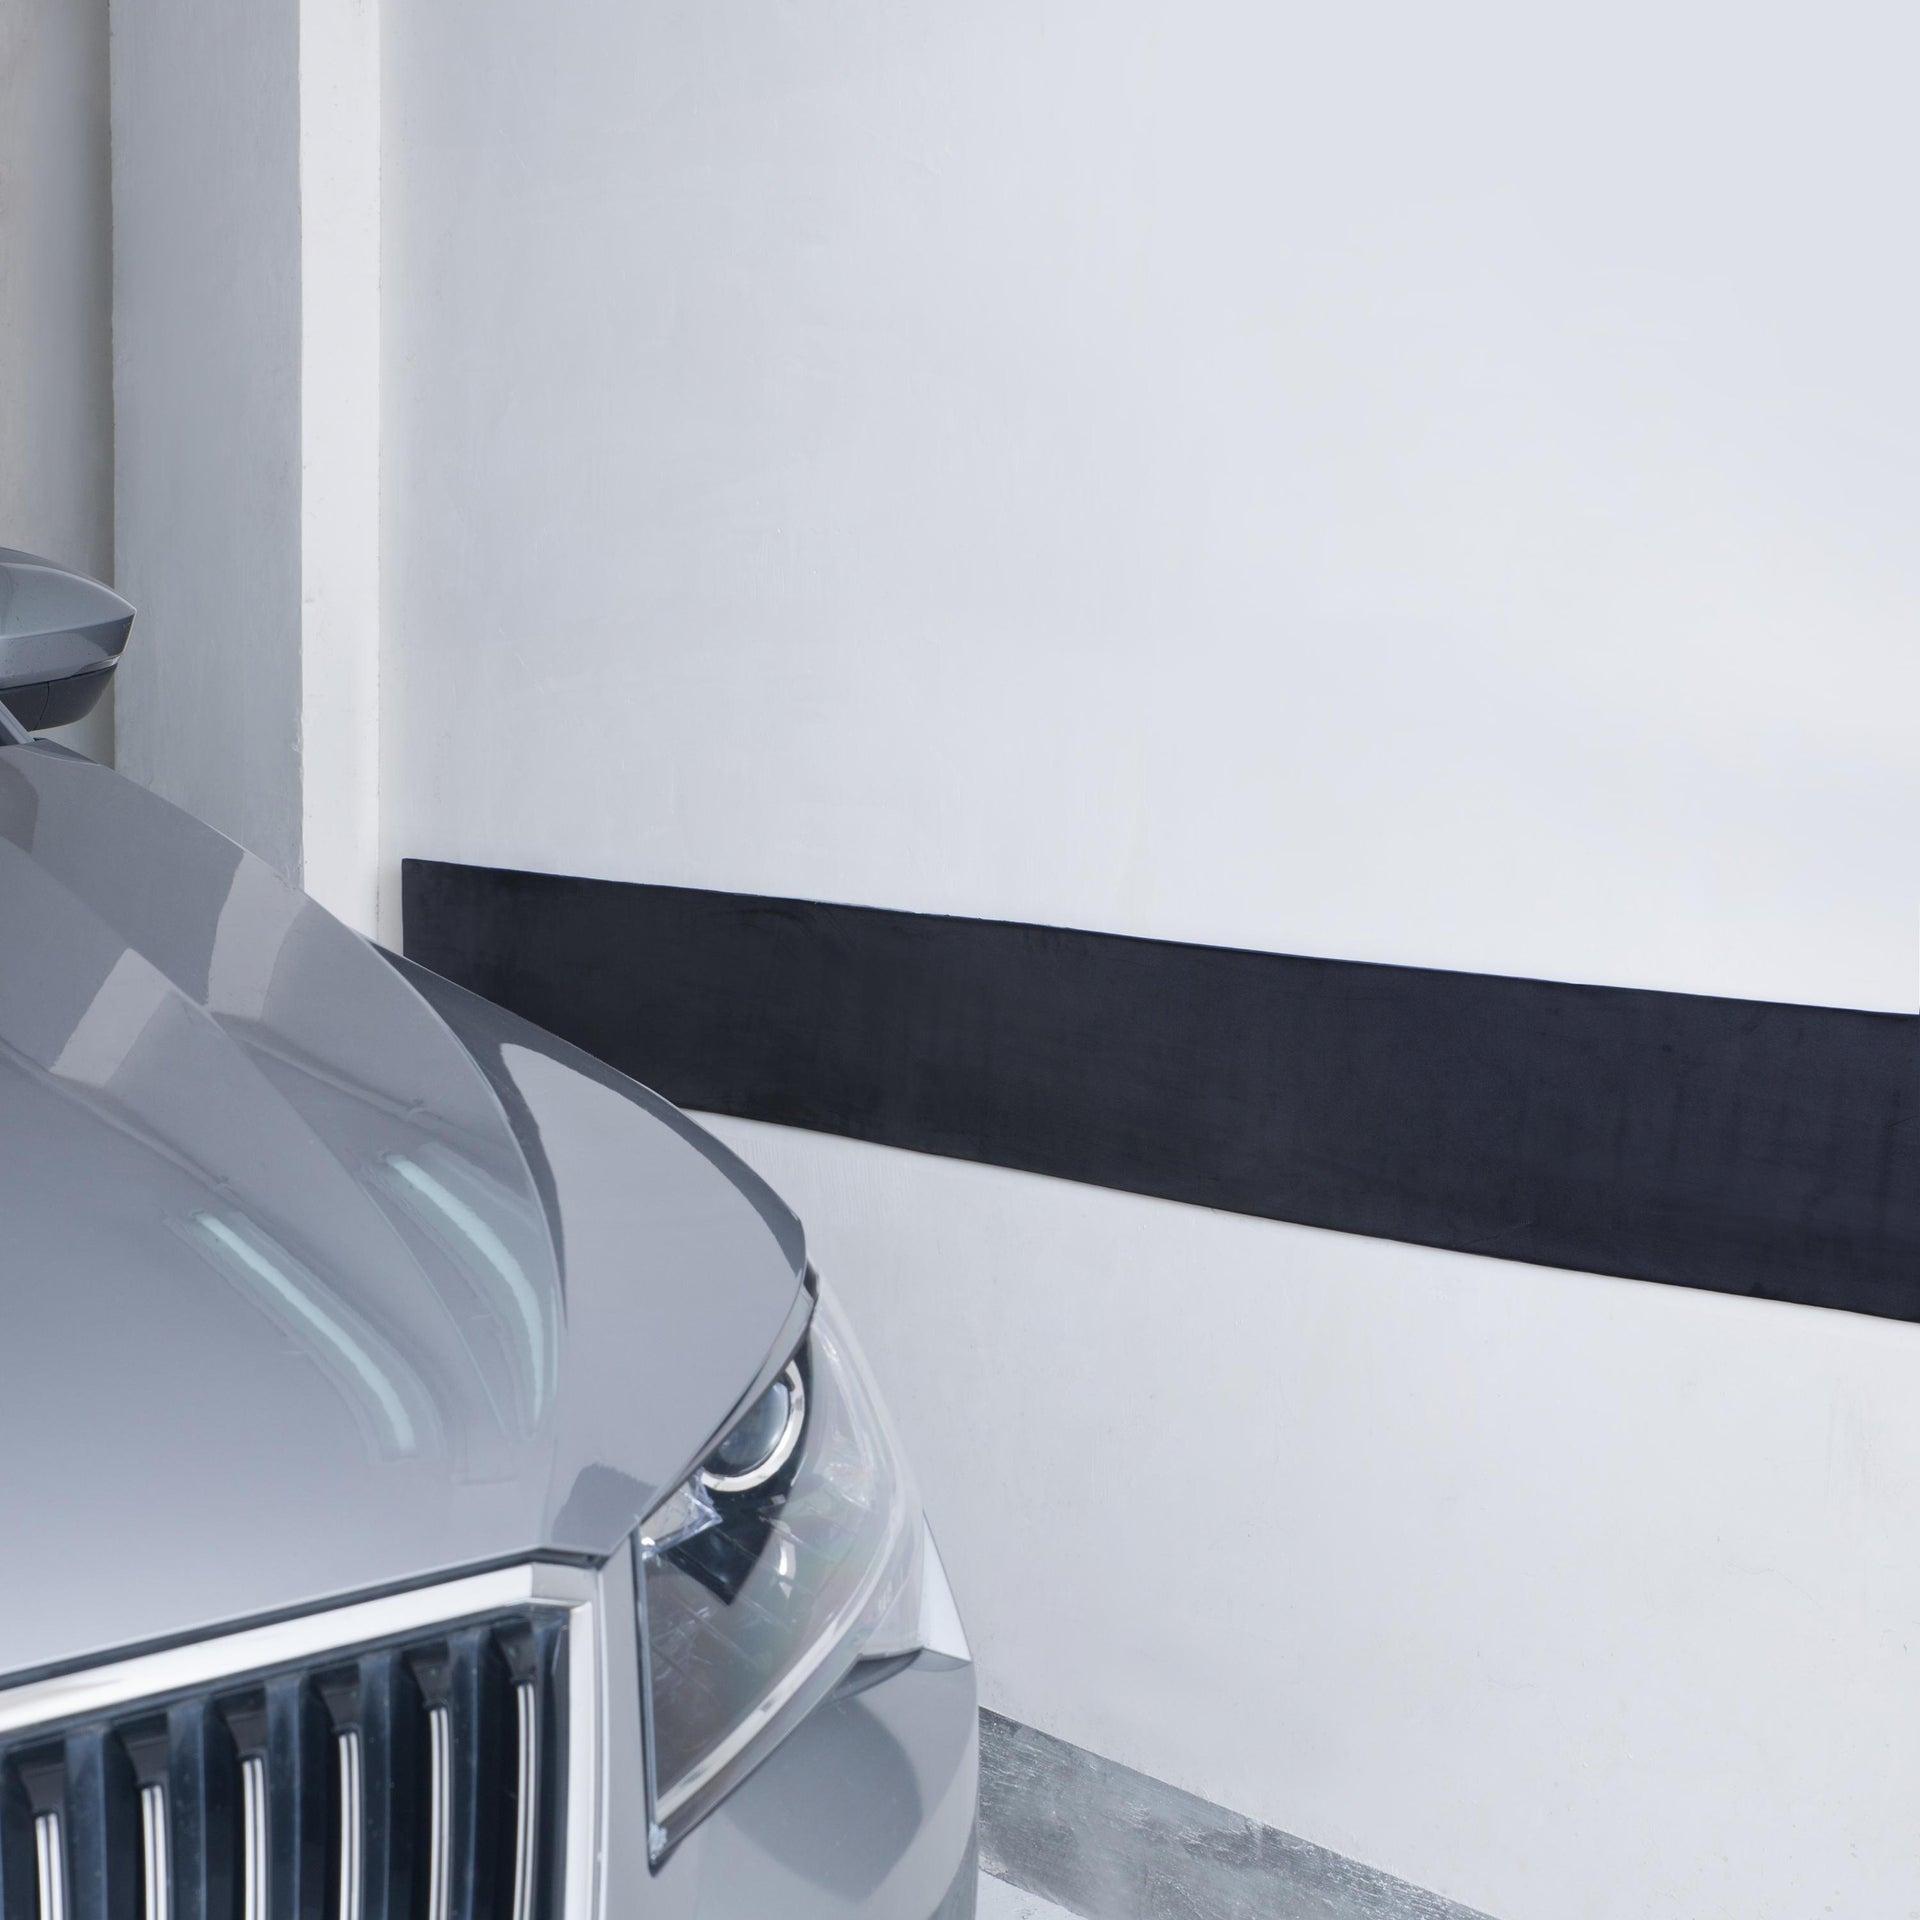 Protezione per garage in polietilene L 200 x H 200 cm nero - 1